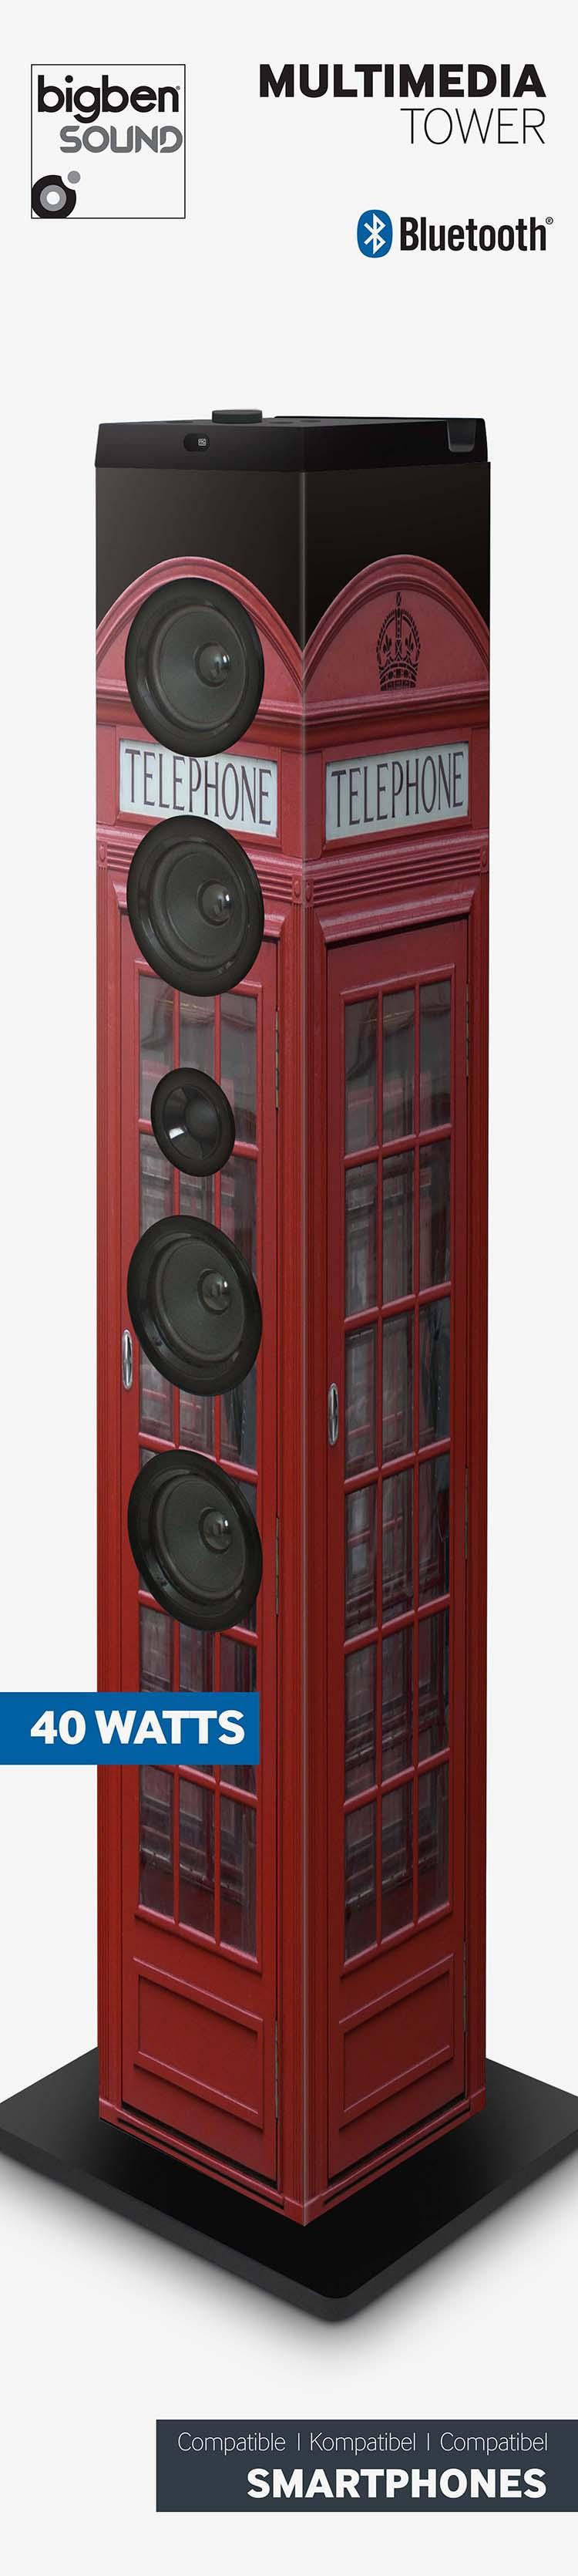 """Multimedia tower """"British cab"""" - Image   #2"""